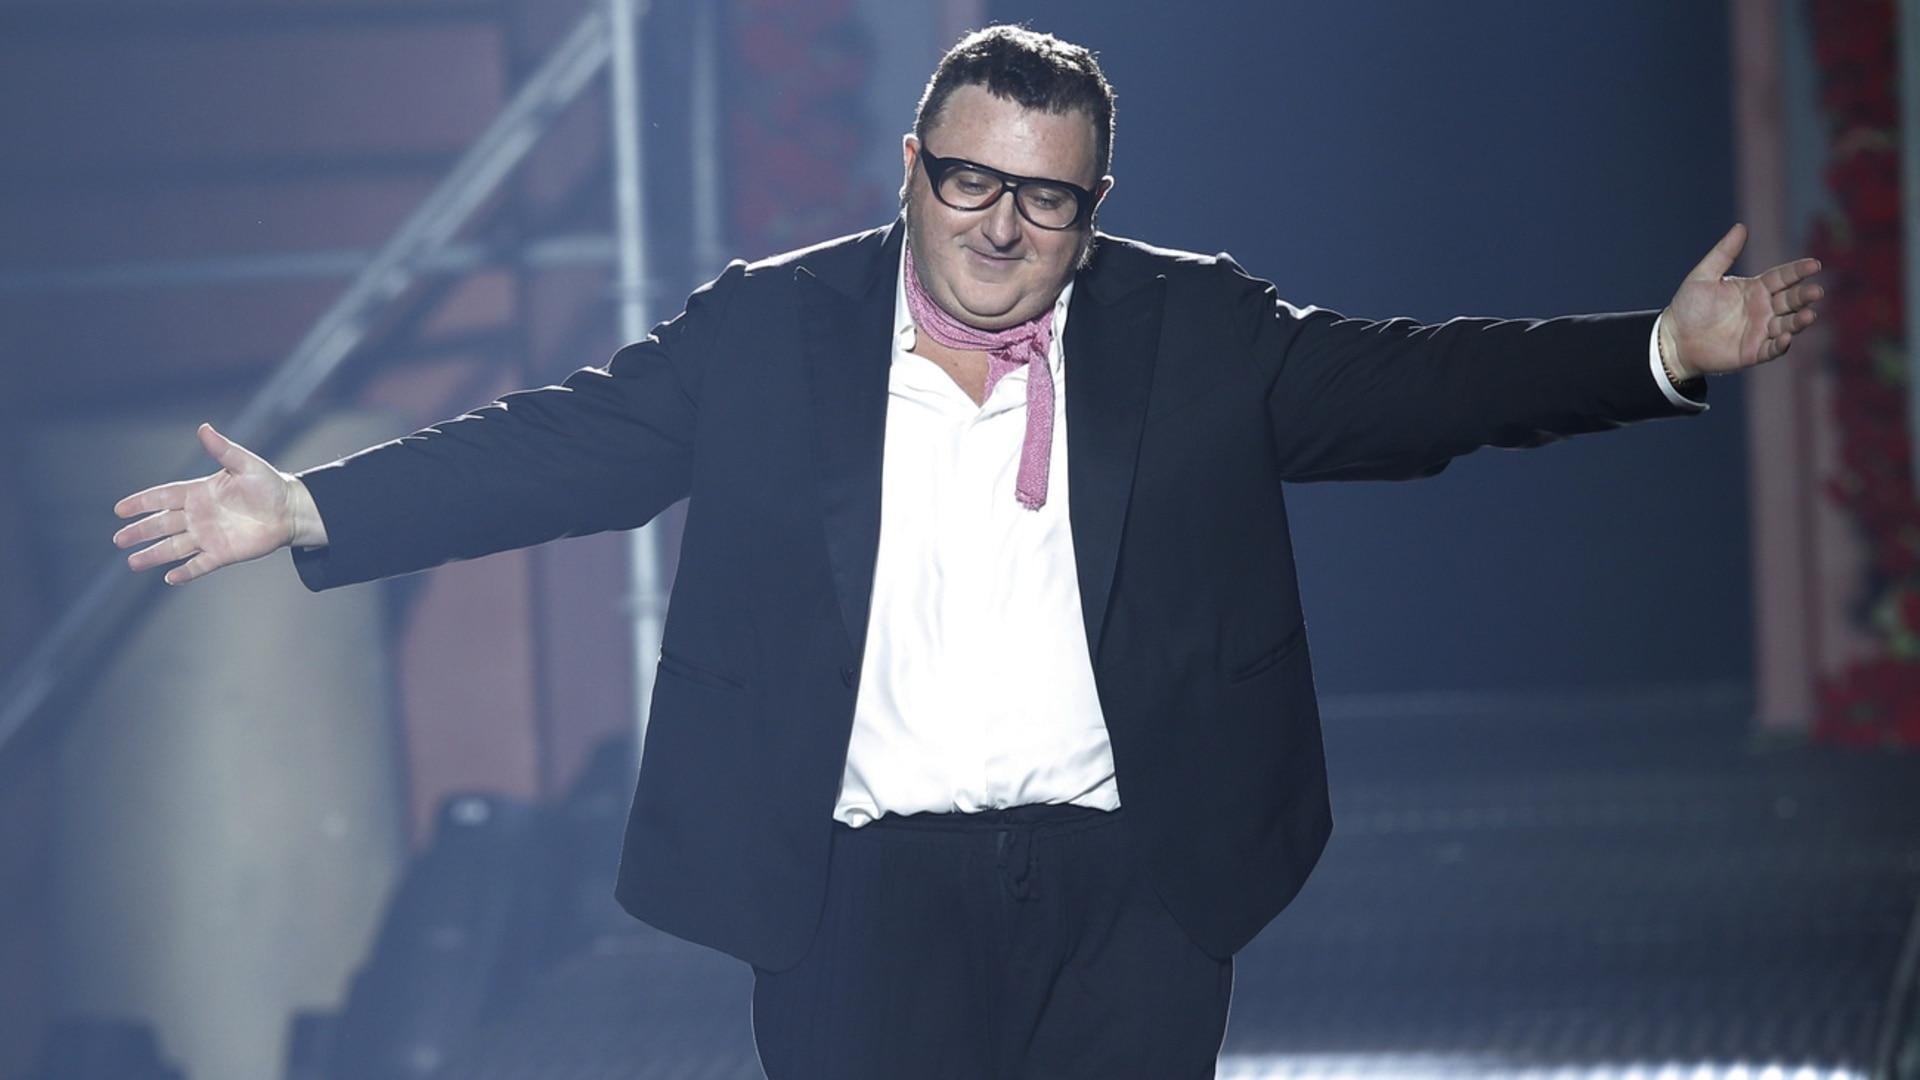 Richemont mourns death of designer Alber Elbaz - SWI swissinfo.ch